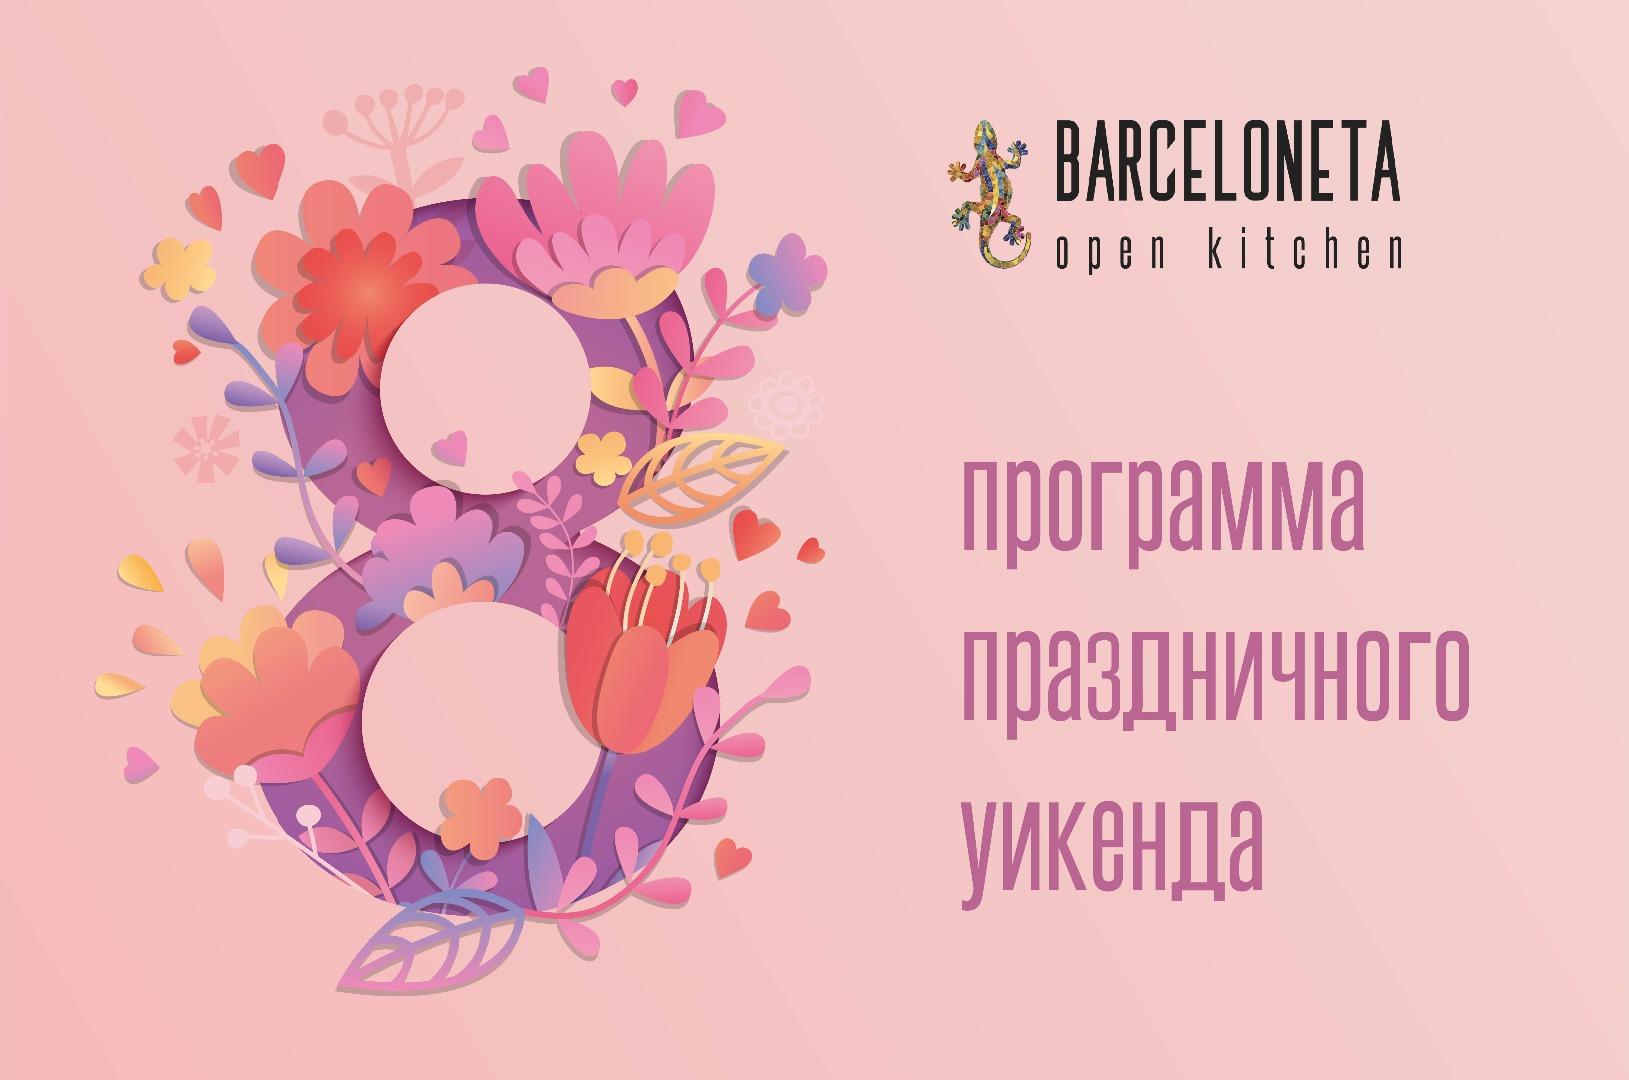 8 Марта праздничный уикенд в ресторане Barceloneta